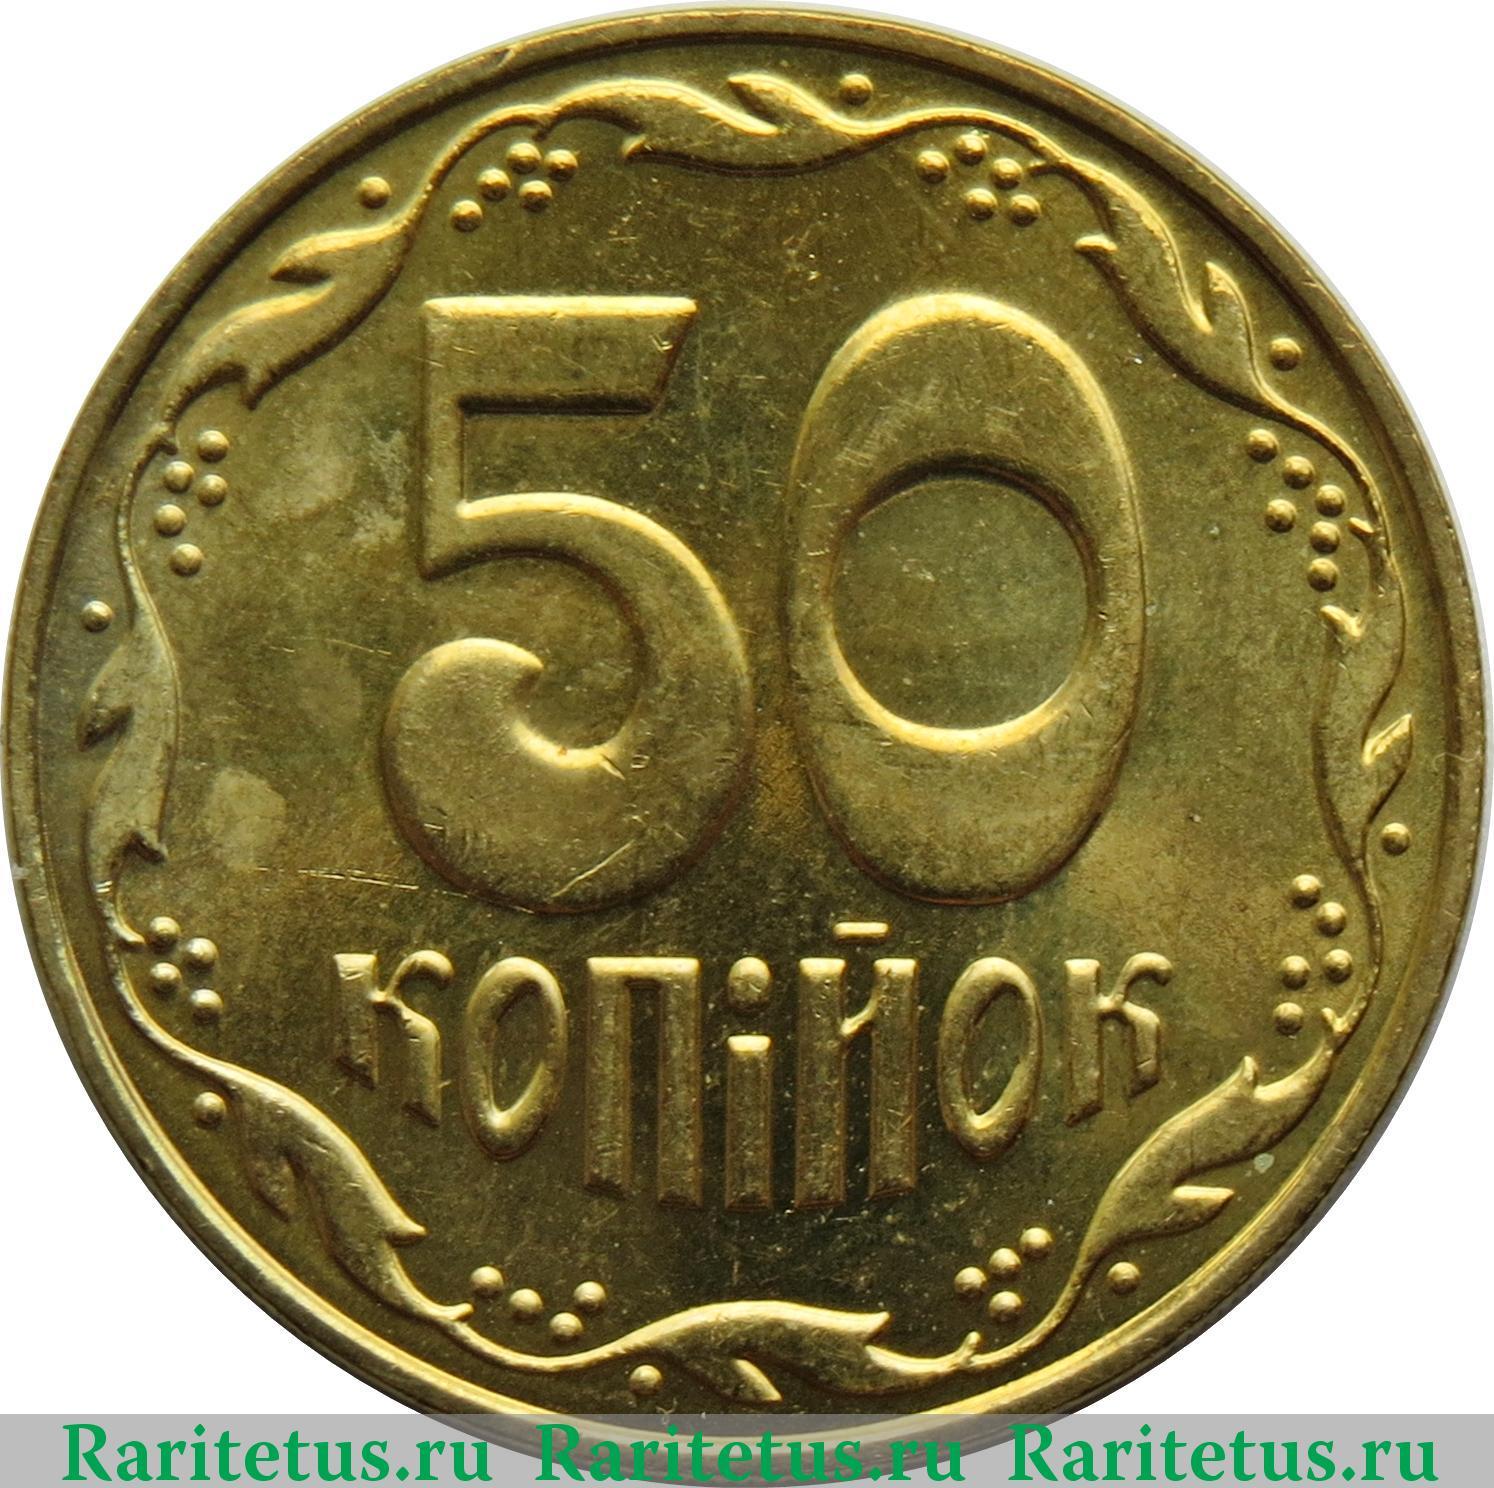 10 копеек 2008 года цена украина стоимость монеты бахрейна